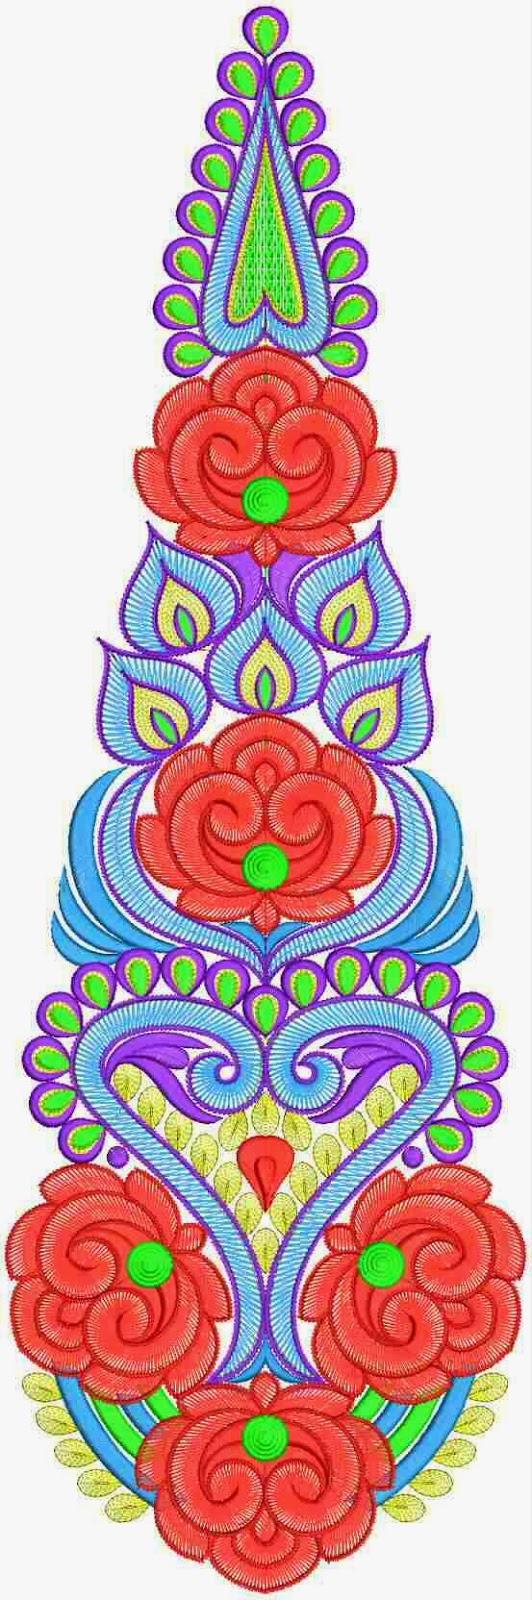 red color floral design Patch | Embdesigntube.blogspot | Pinterest ...